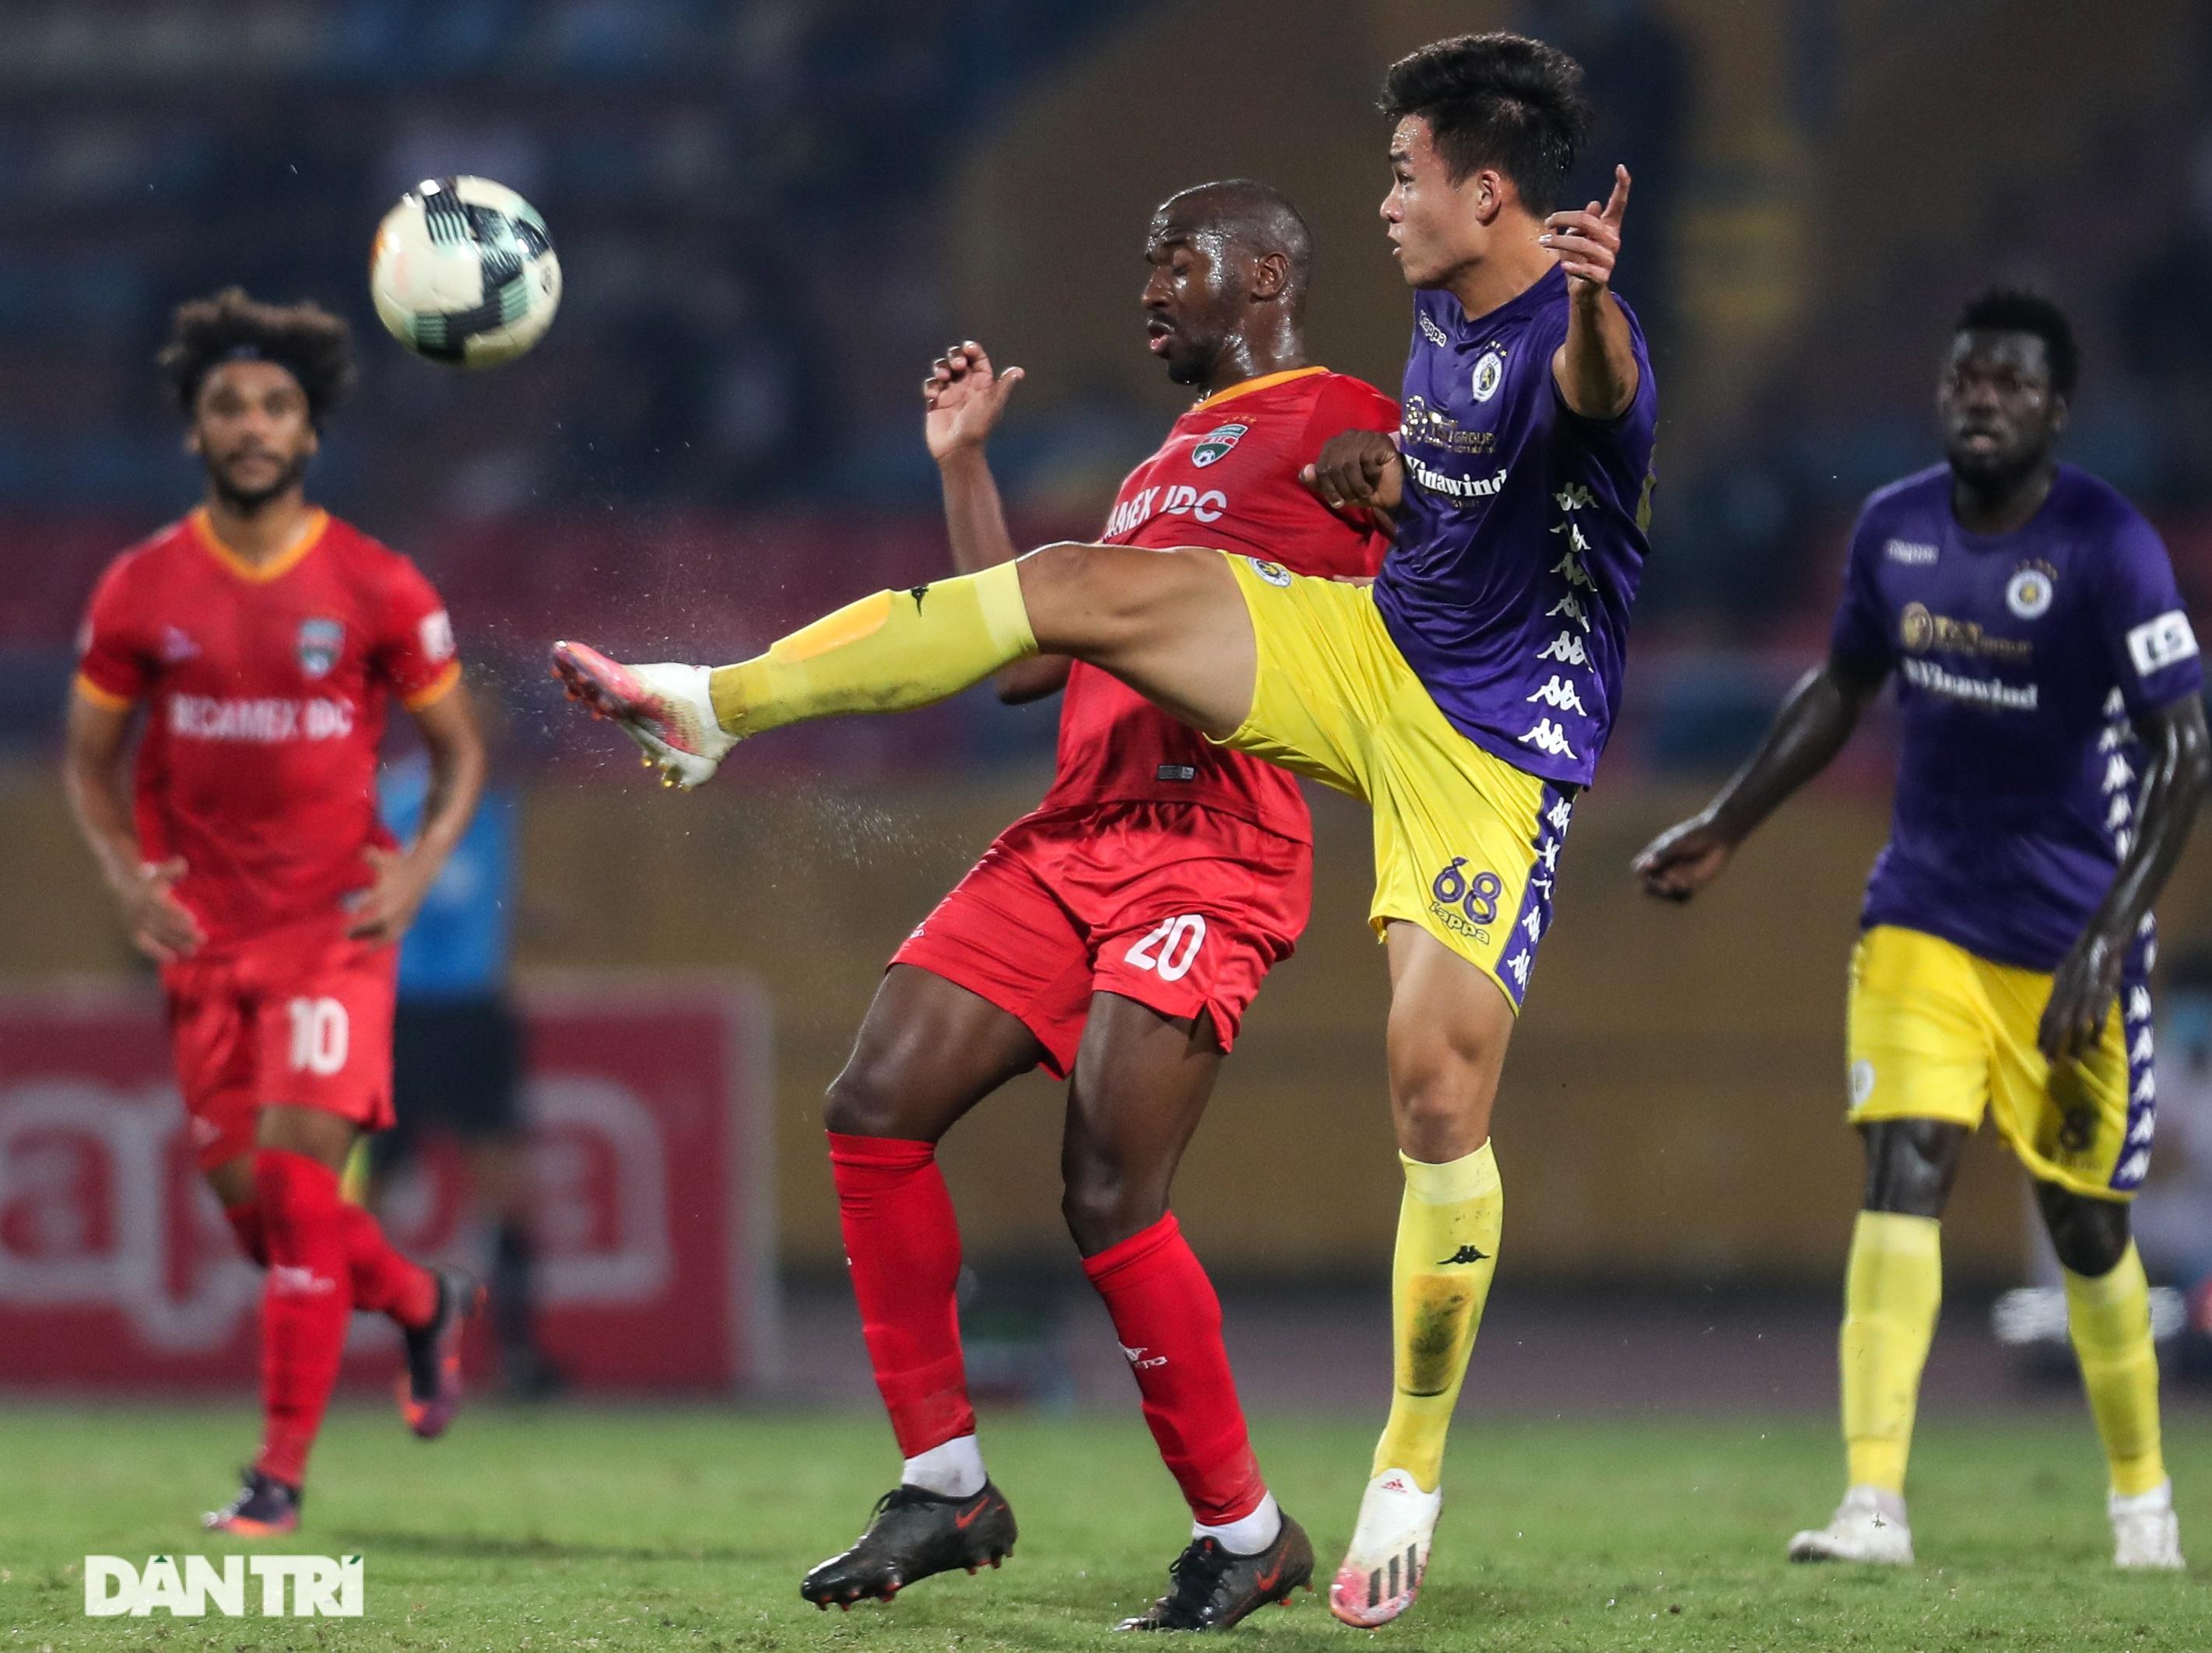 Lập công ở phút 90, Quang Hải đưa CLB Hà Nội lên ngôi đầu V-League - 3